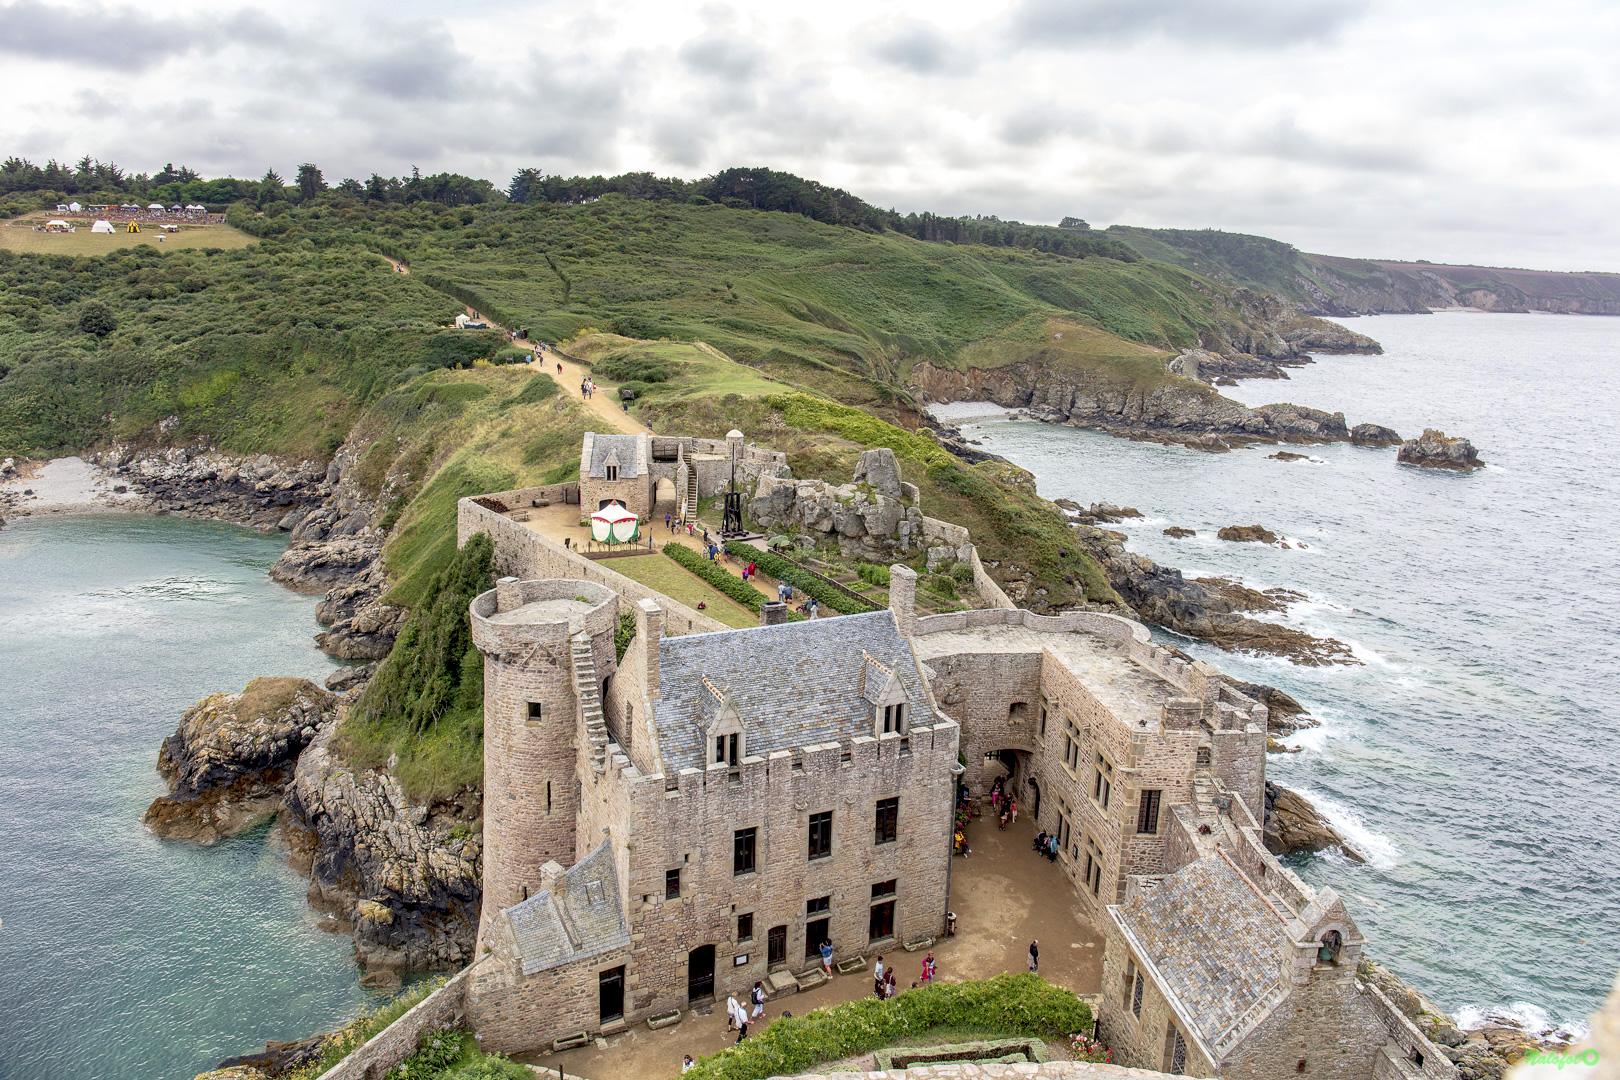 Photo du jour - Médiévales Fort la Latte - Vue globale de Fort la Latte